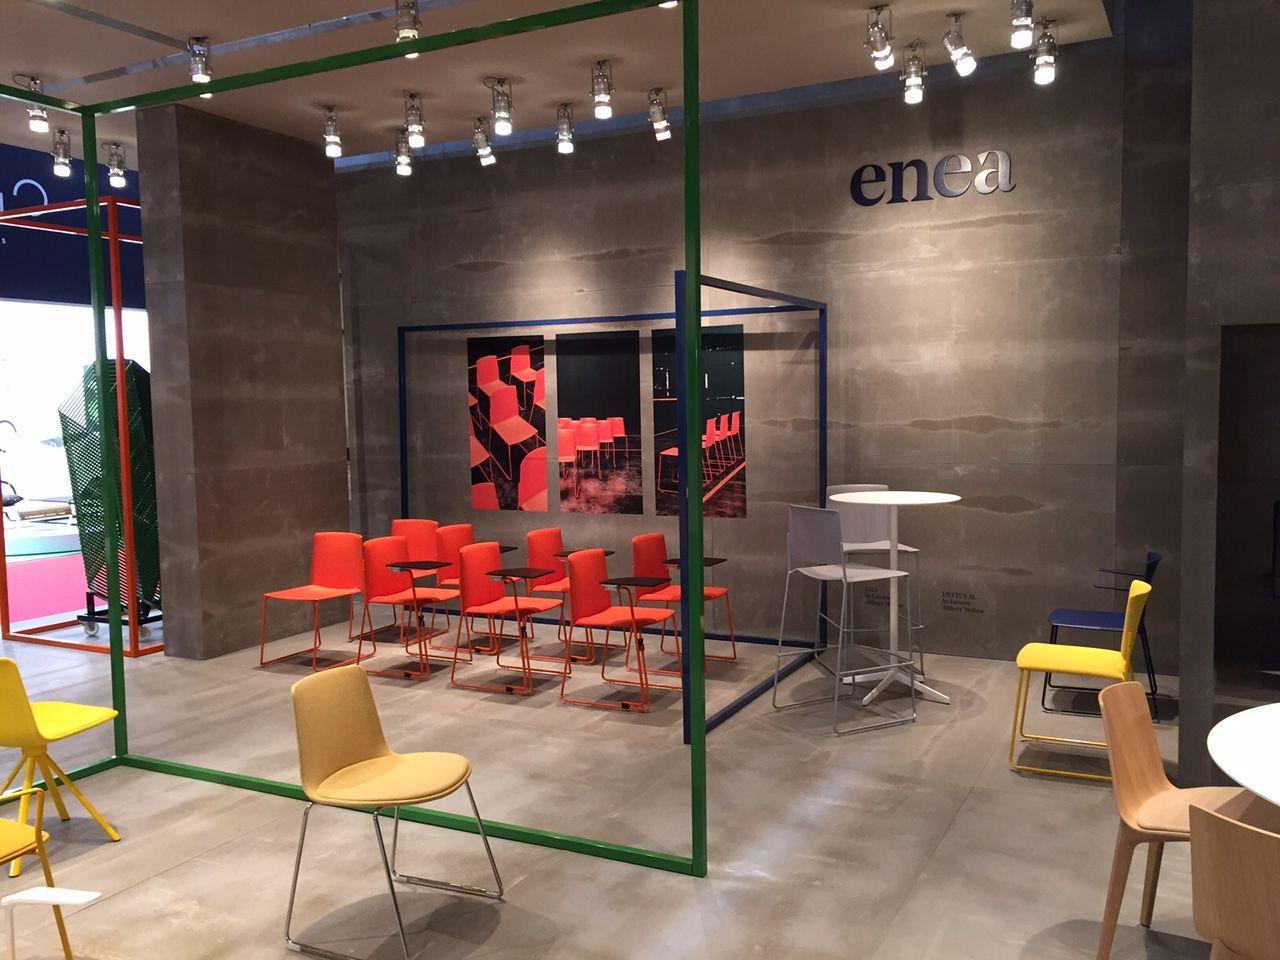 Enea Design S Booth At Salone Del Mobile De Milano Hall 10 Booth E14 April 14th 19th 2015 Booth Design Modern Cafe Design